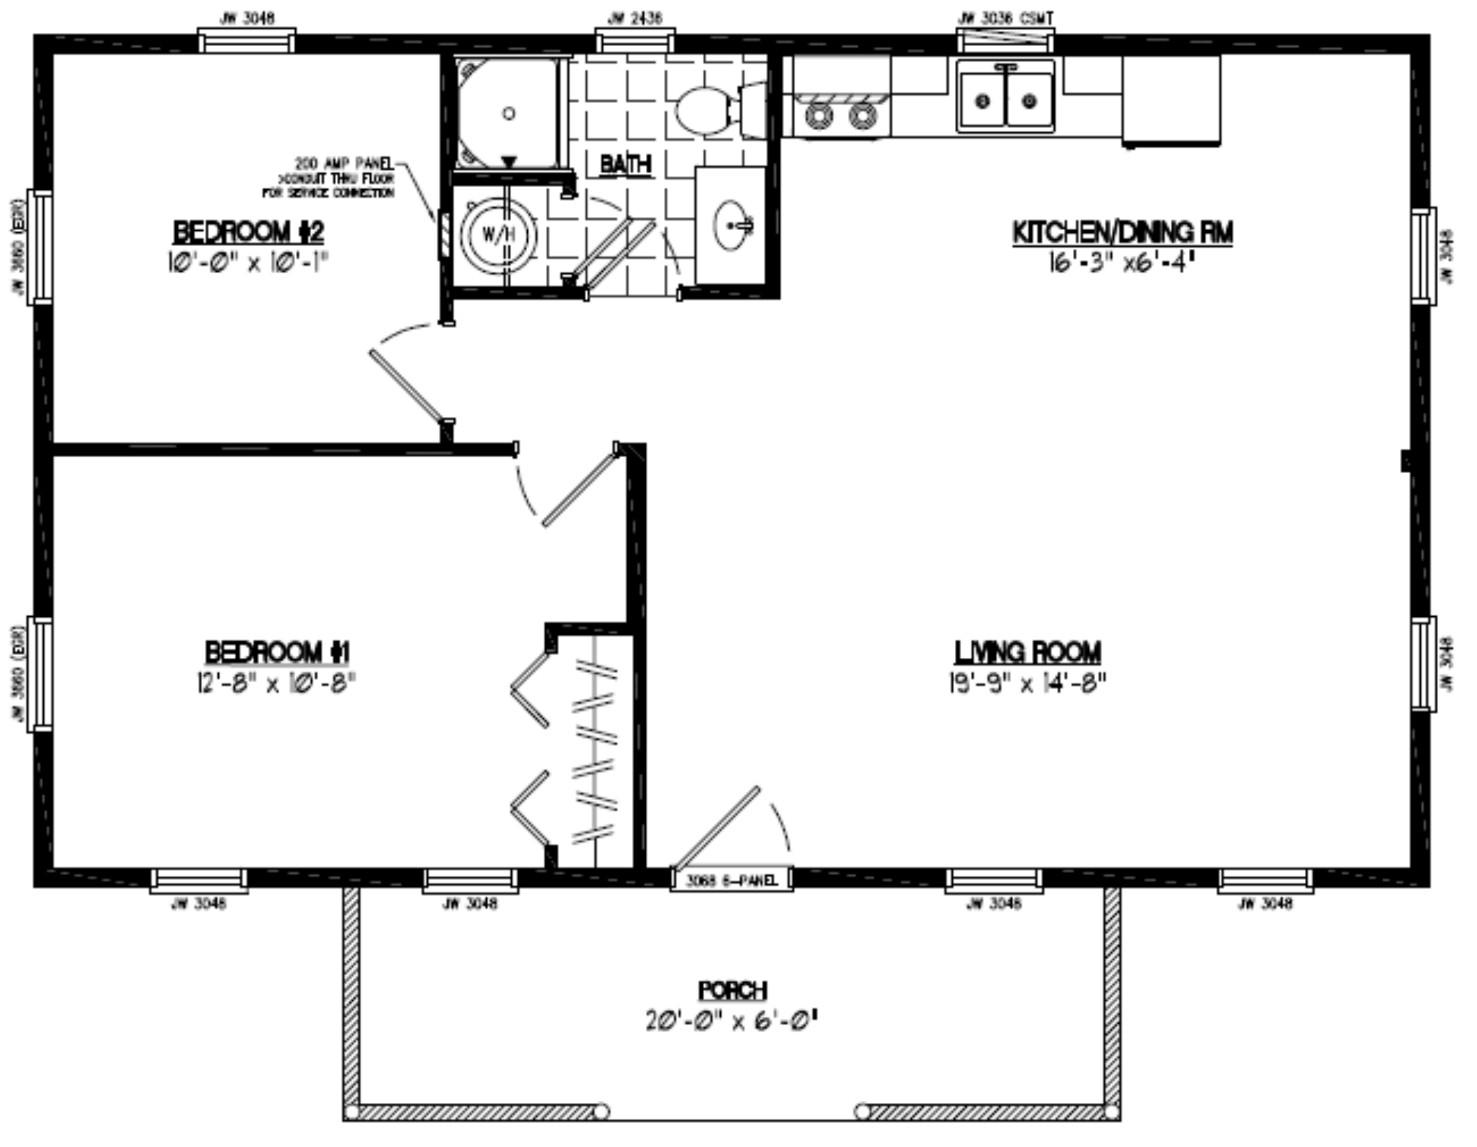 floor 36 | Wikizie.co on 16x30 house, 12x12 house, 24x40 house, 10x10 house, 20x24 house, 20x25 house, 24x30 house, 16x32 house, 14x28 house, 20x40 house,